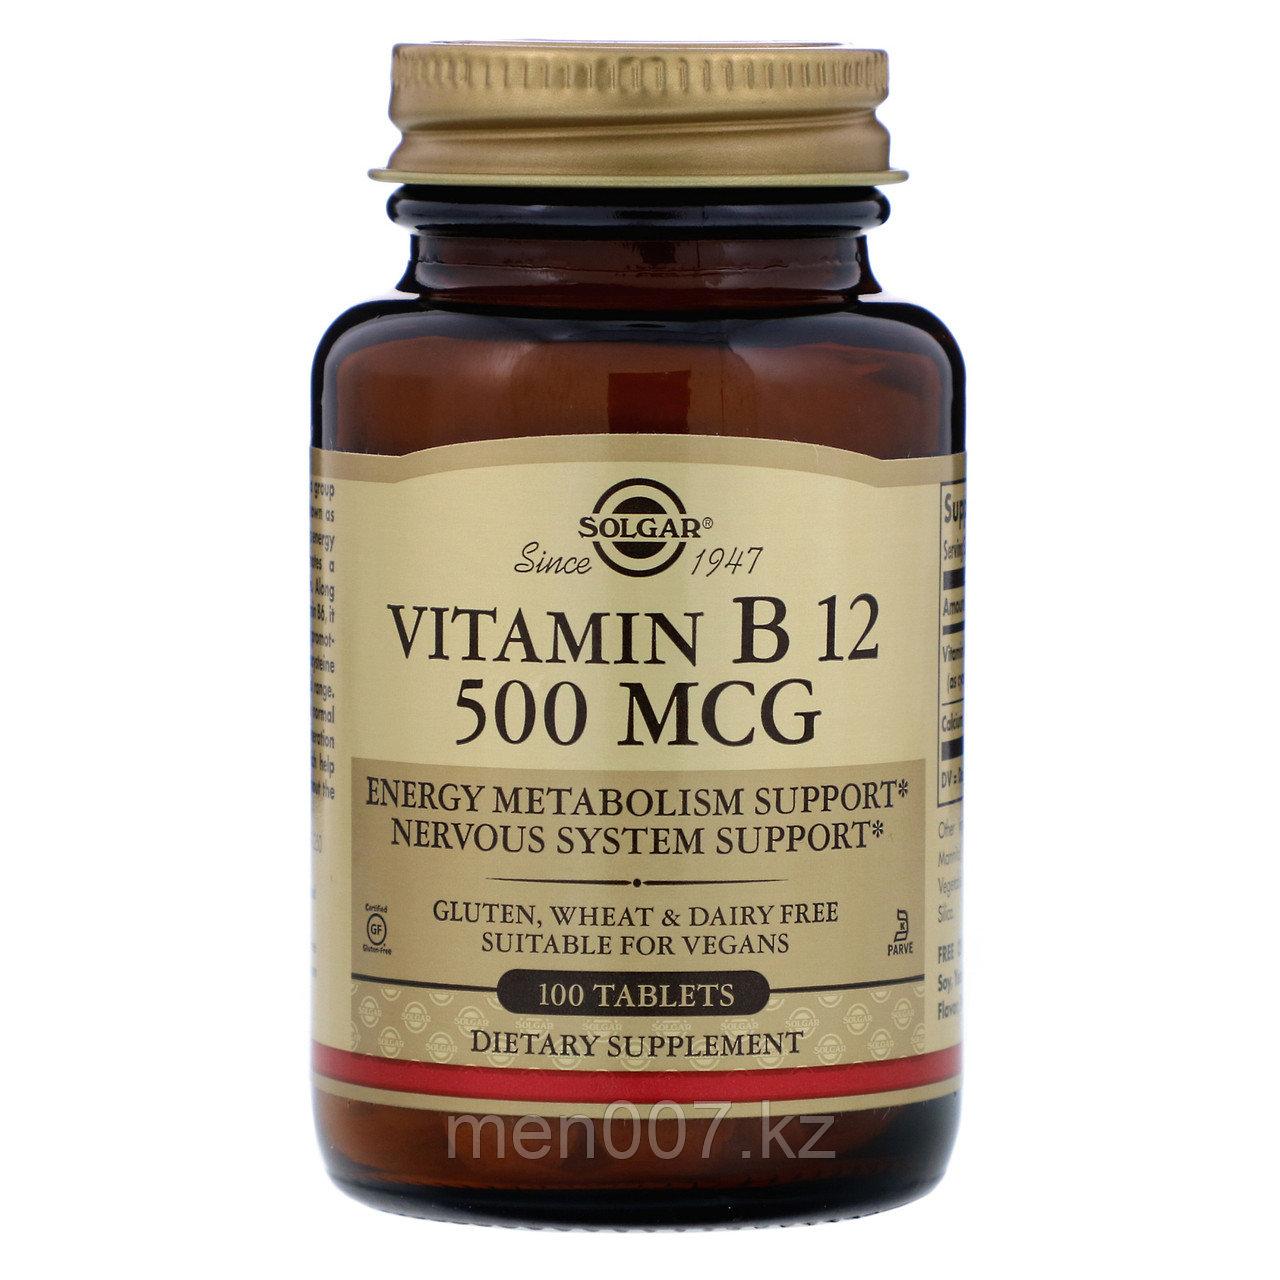 БАД Витамин B-12 Solgar 500 мкг (100 таблеток)